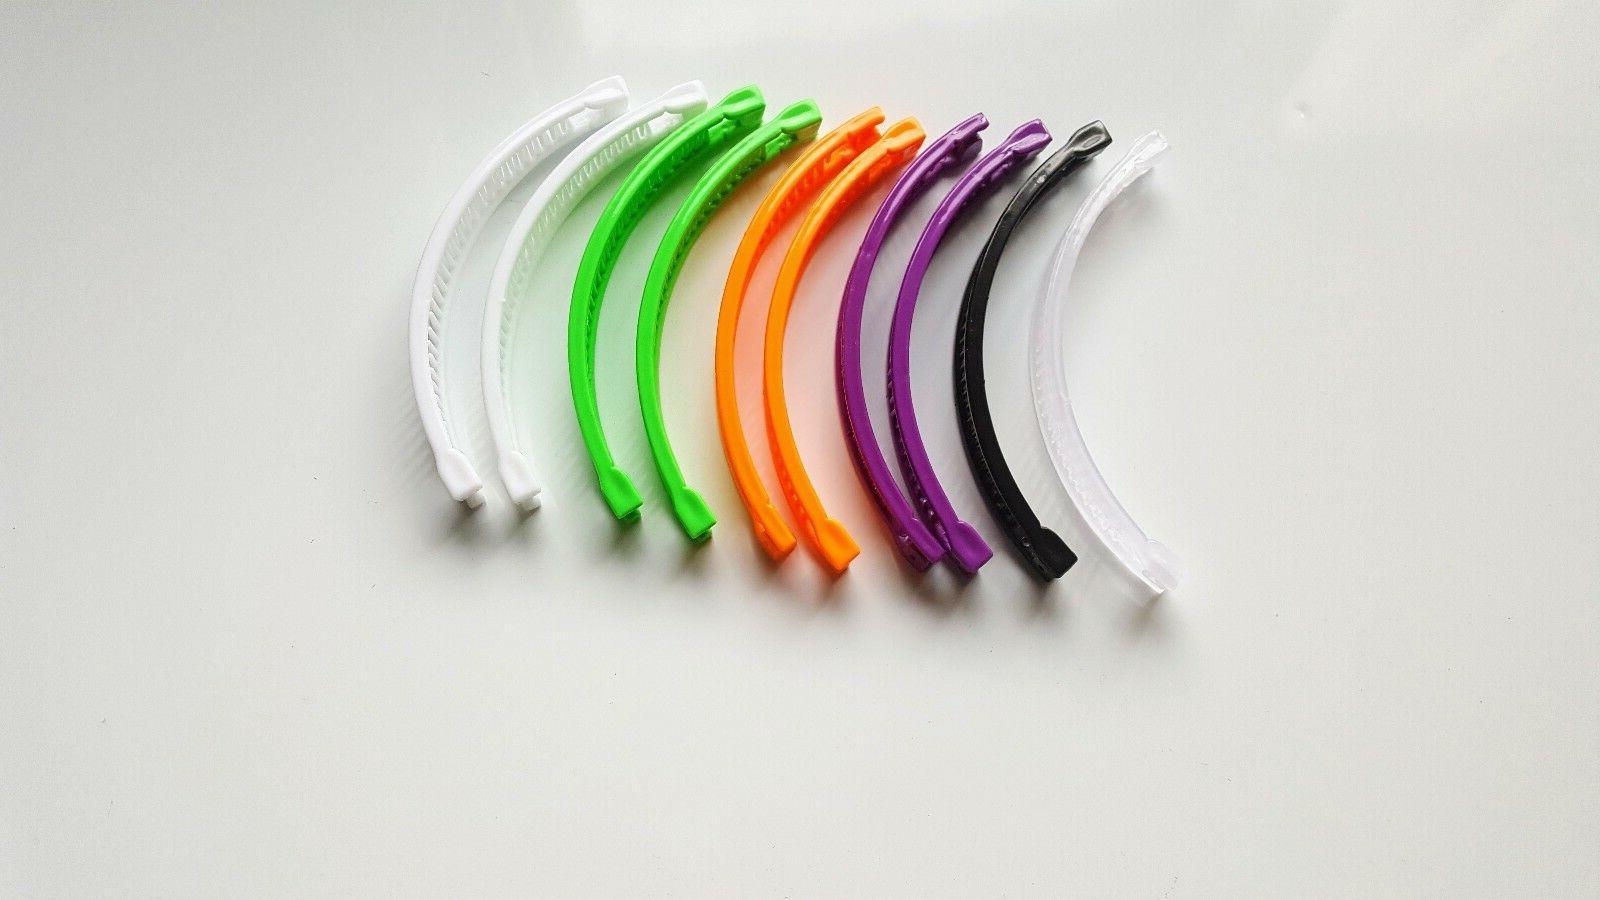 10 pcs Banana Clip Claw Comb color FREE